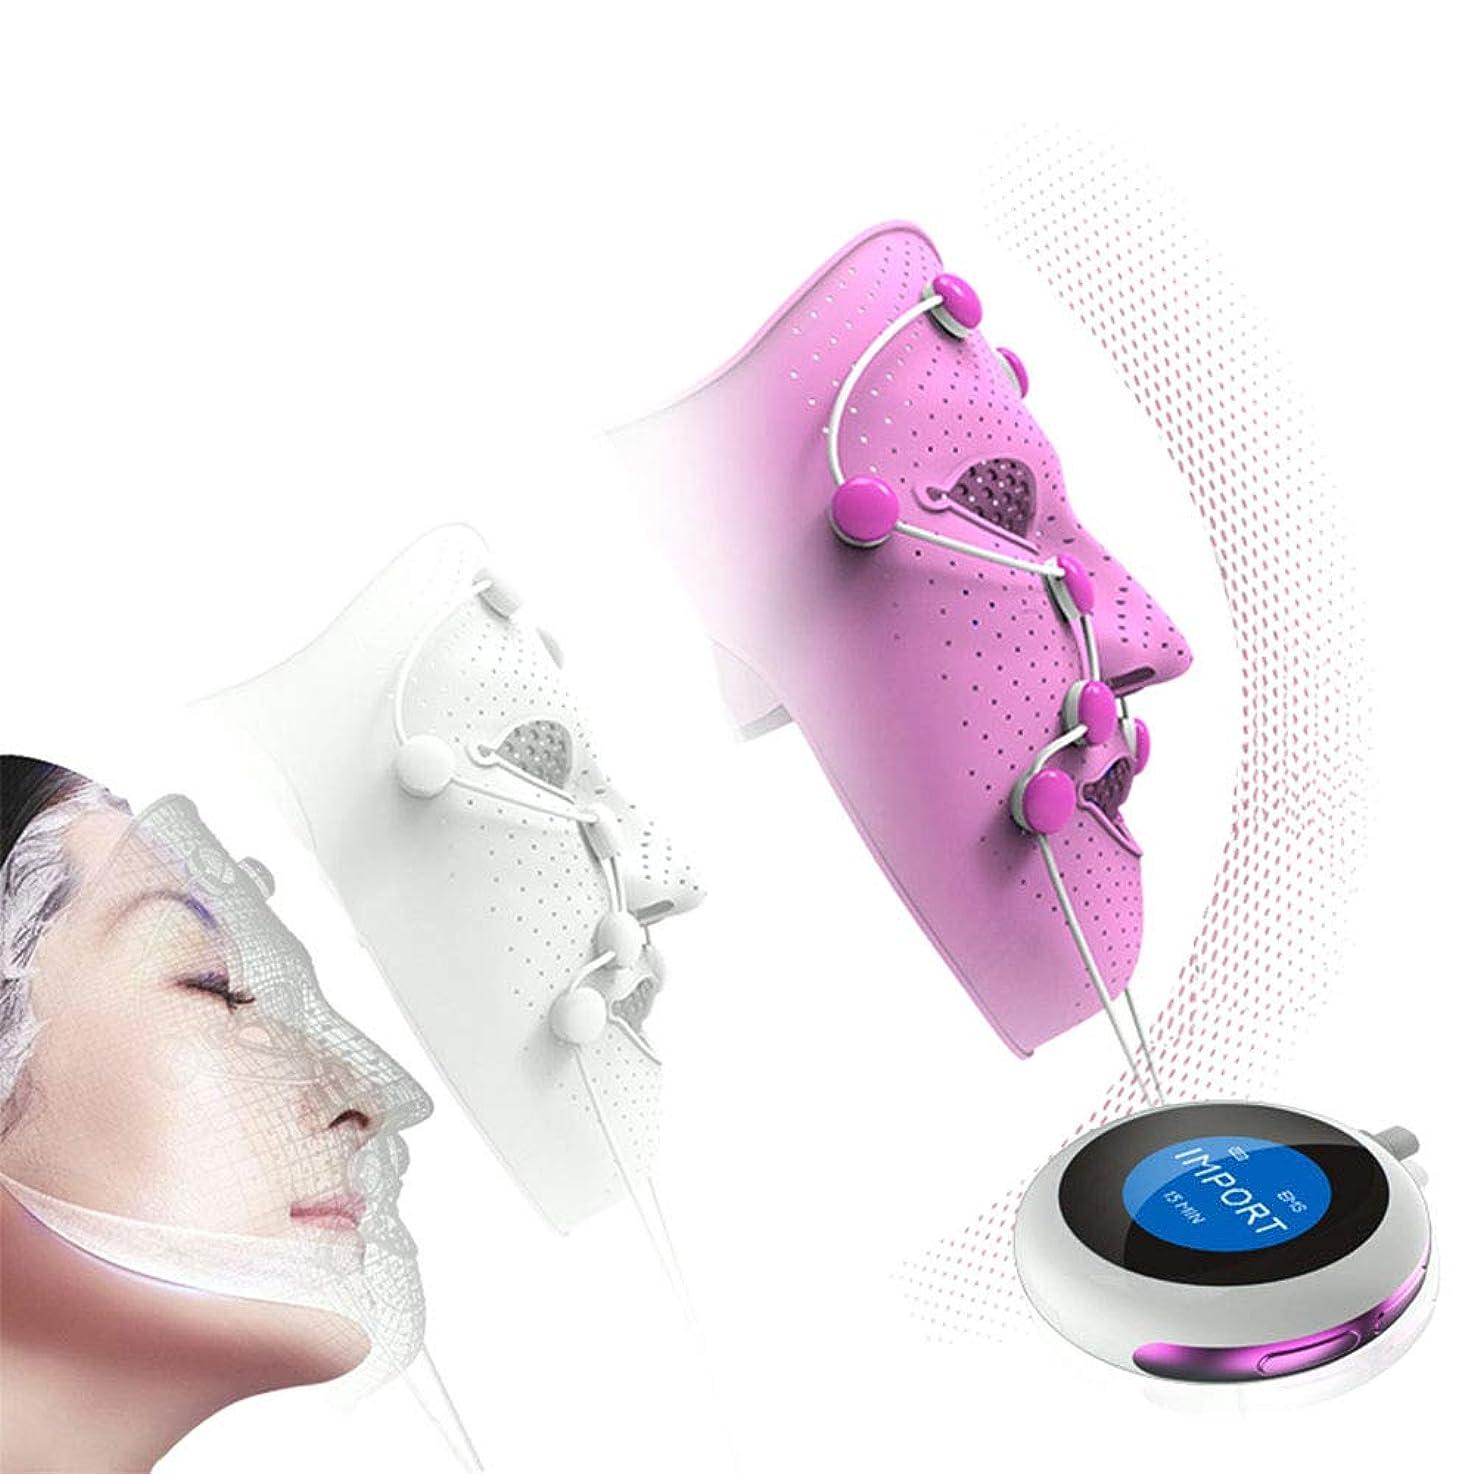 眠いです王朝セミナーマスクの器械の美の表面カバーEMSの顔の解毒の美装置